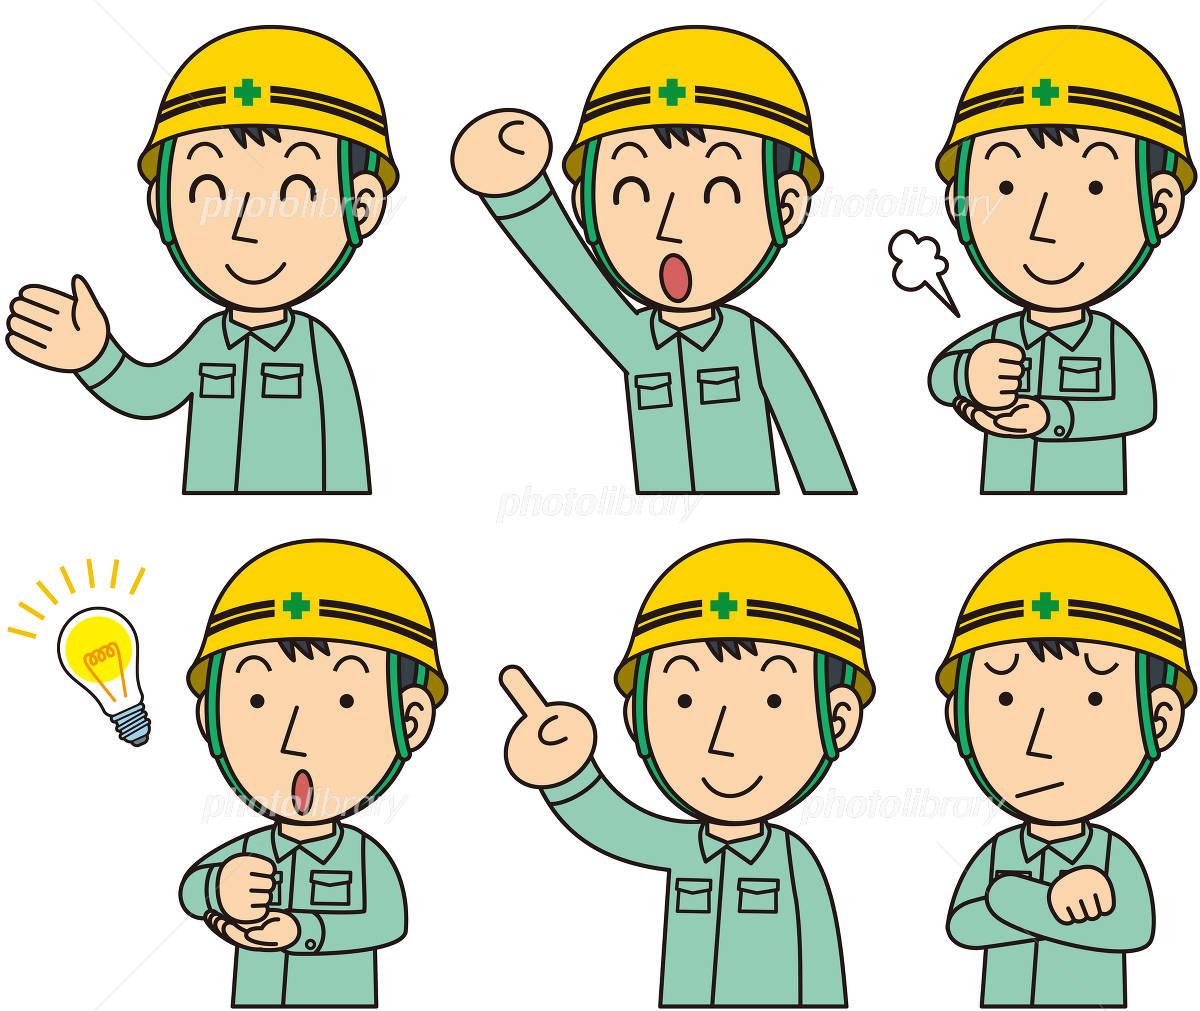 作業員 表情 イラスト素材 作業員 表情 イラスト素材 - フォトライブラリー ID:18184